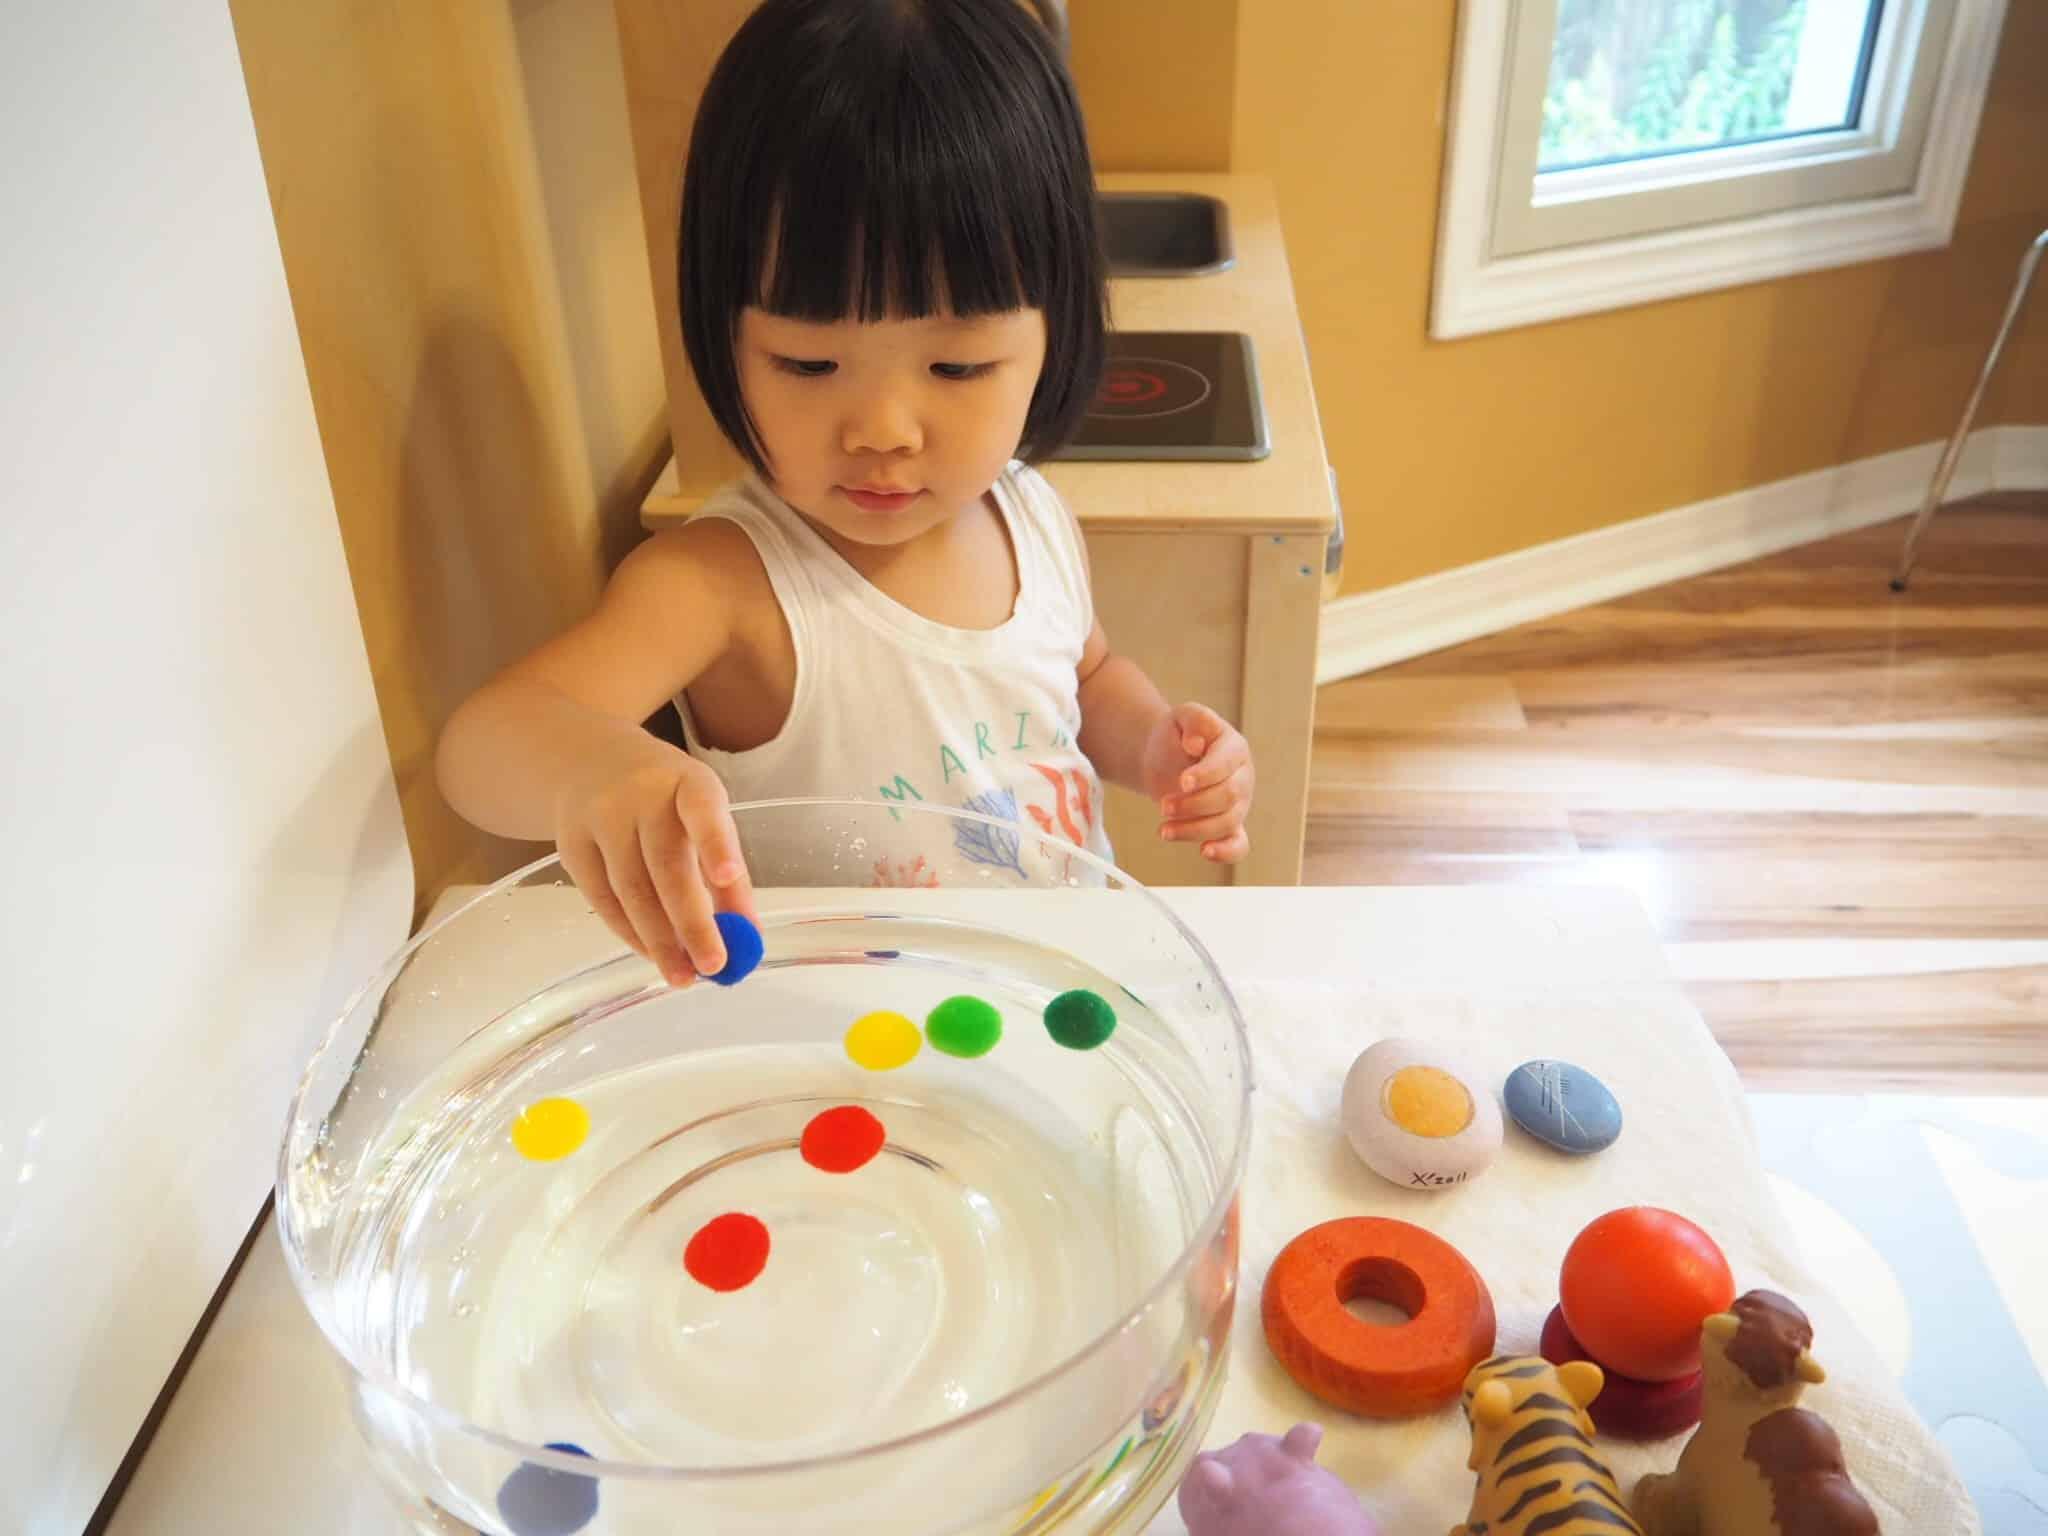 寶寶版浮力遊戲 Buoyancy Game for toddler